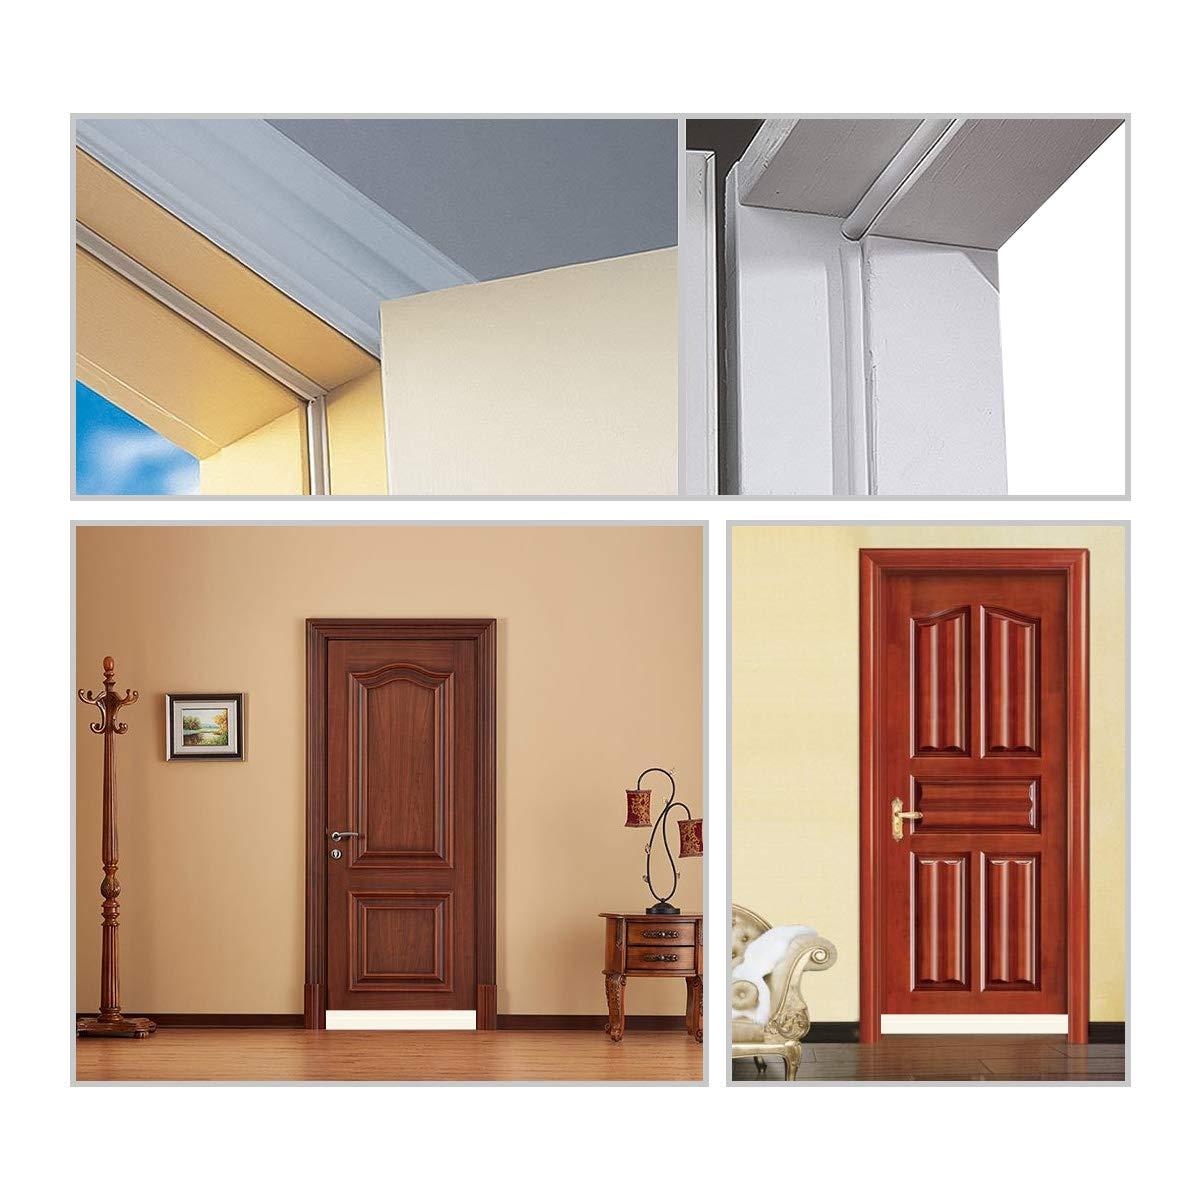 Aufisi 2 pcs Strong Adhesive Door Draft Stopper Door Sweep Blocker for Soundproof and Prevent Bugs Under Door Seal 1 pcs Weatherproof Door Seal Stripping 5M Door Bottom Seal White 1.7 W x 39 L Door Bottom Seal White 1.7 W x 39 L